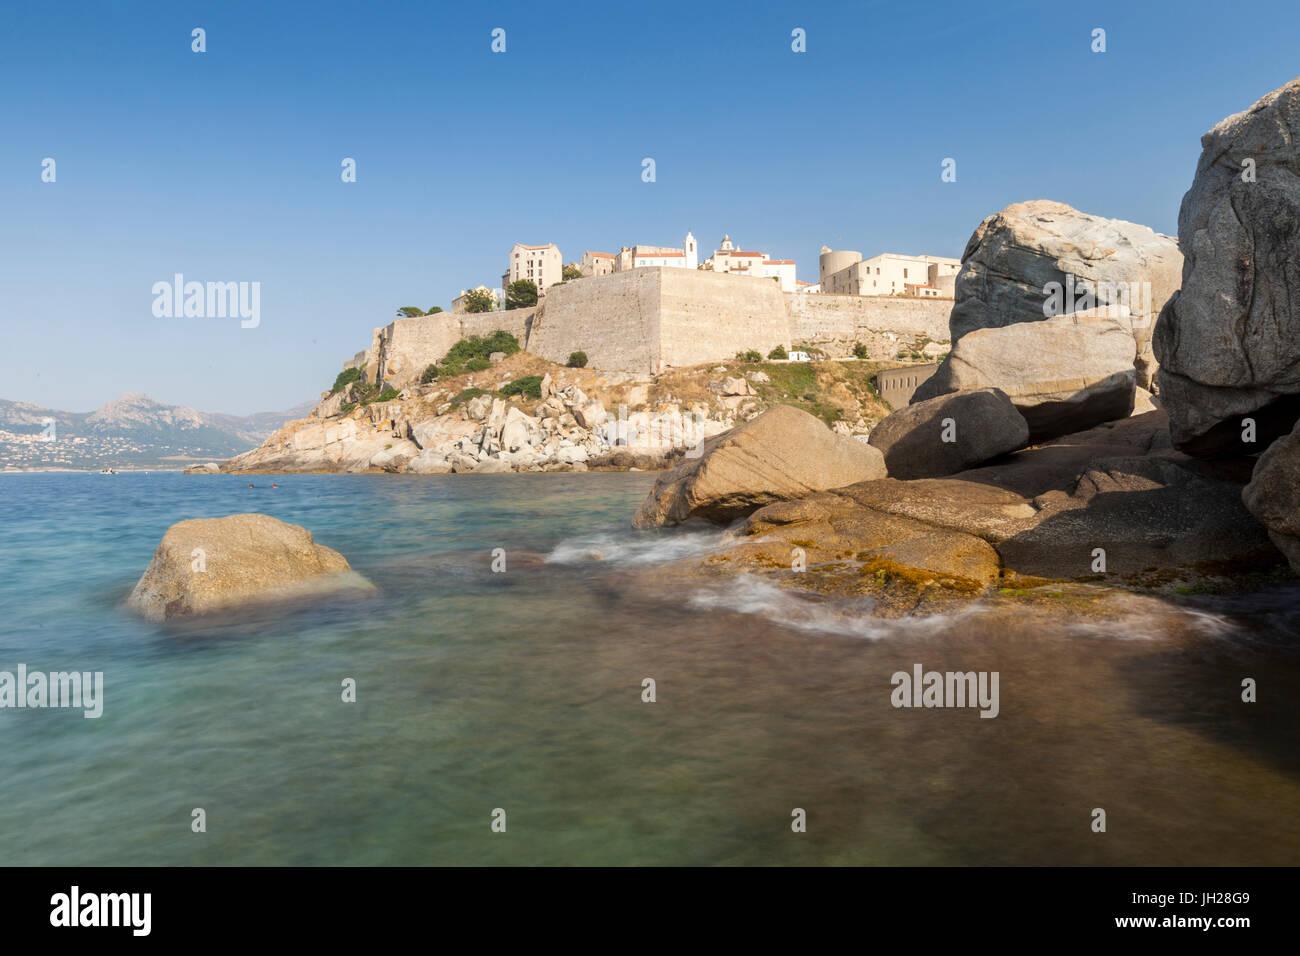 La vecchia cittadella fortificata sul promontorio circondato dal mare limpido, Calvi, Balagne in Corsica, Francia, Immagini Stock